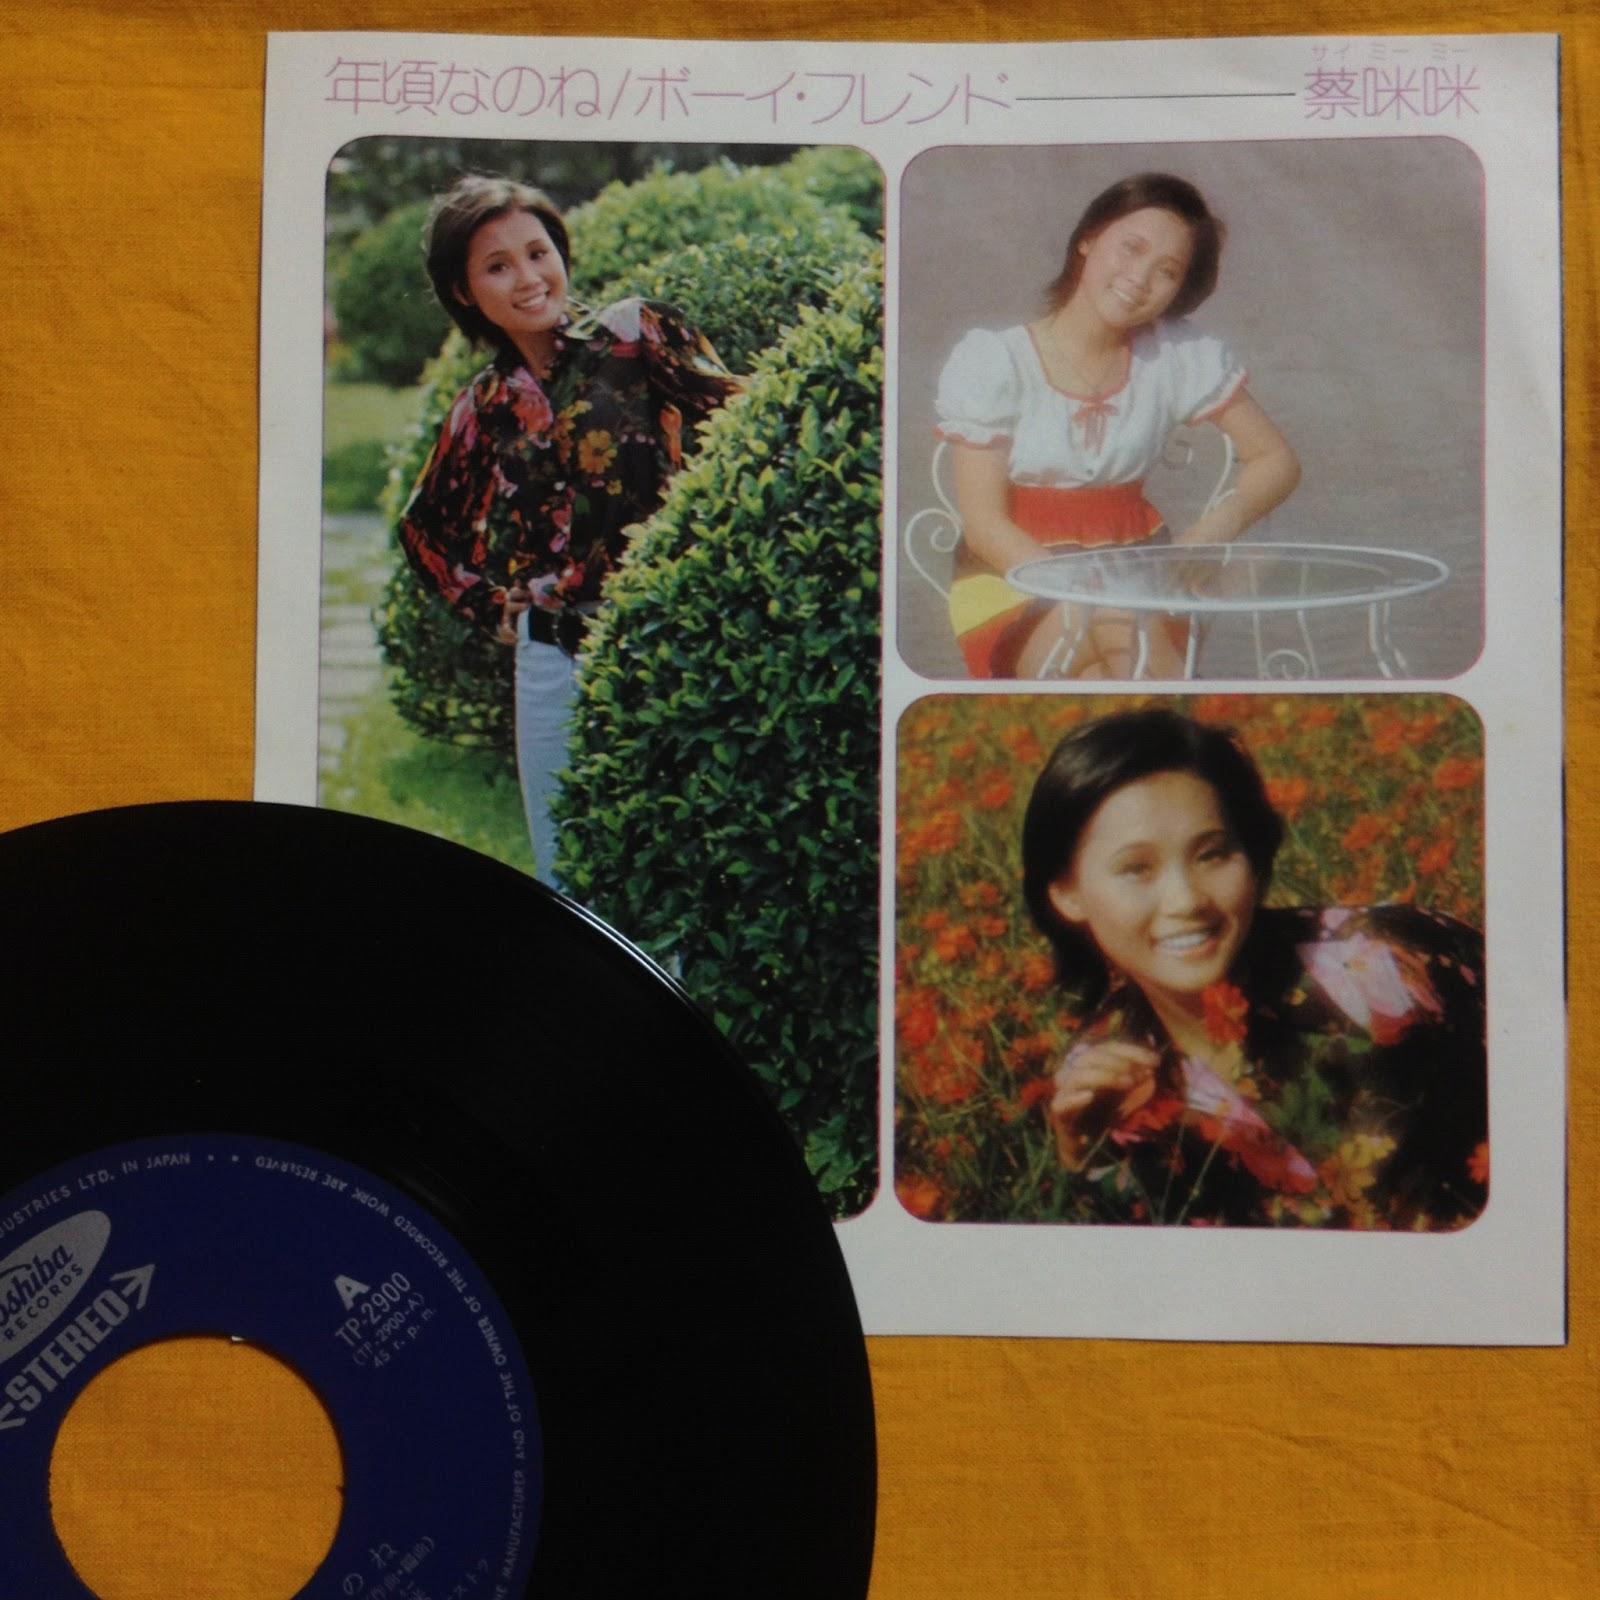 英語圏で育ったらSammyって呼ばれそうな台湾出身の蔡咪咪ちゃんの日本デビュー盤は再び軽い訛りで